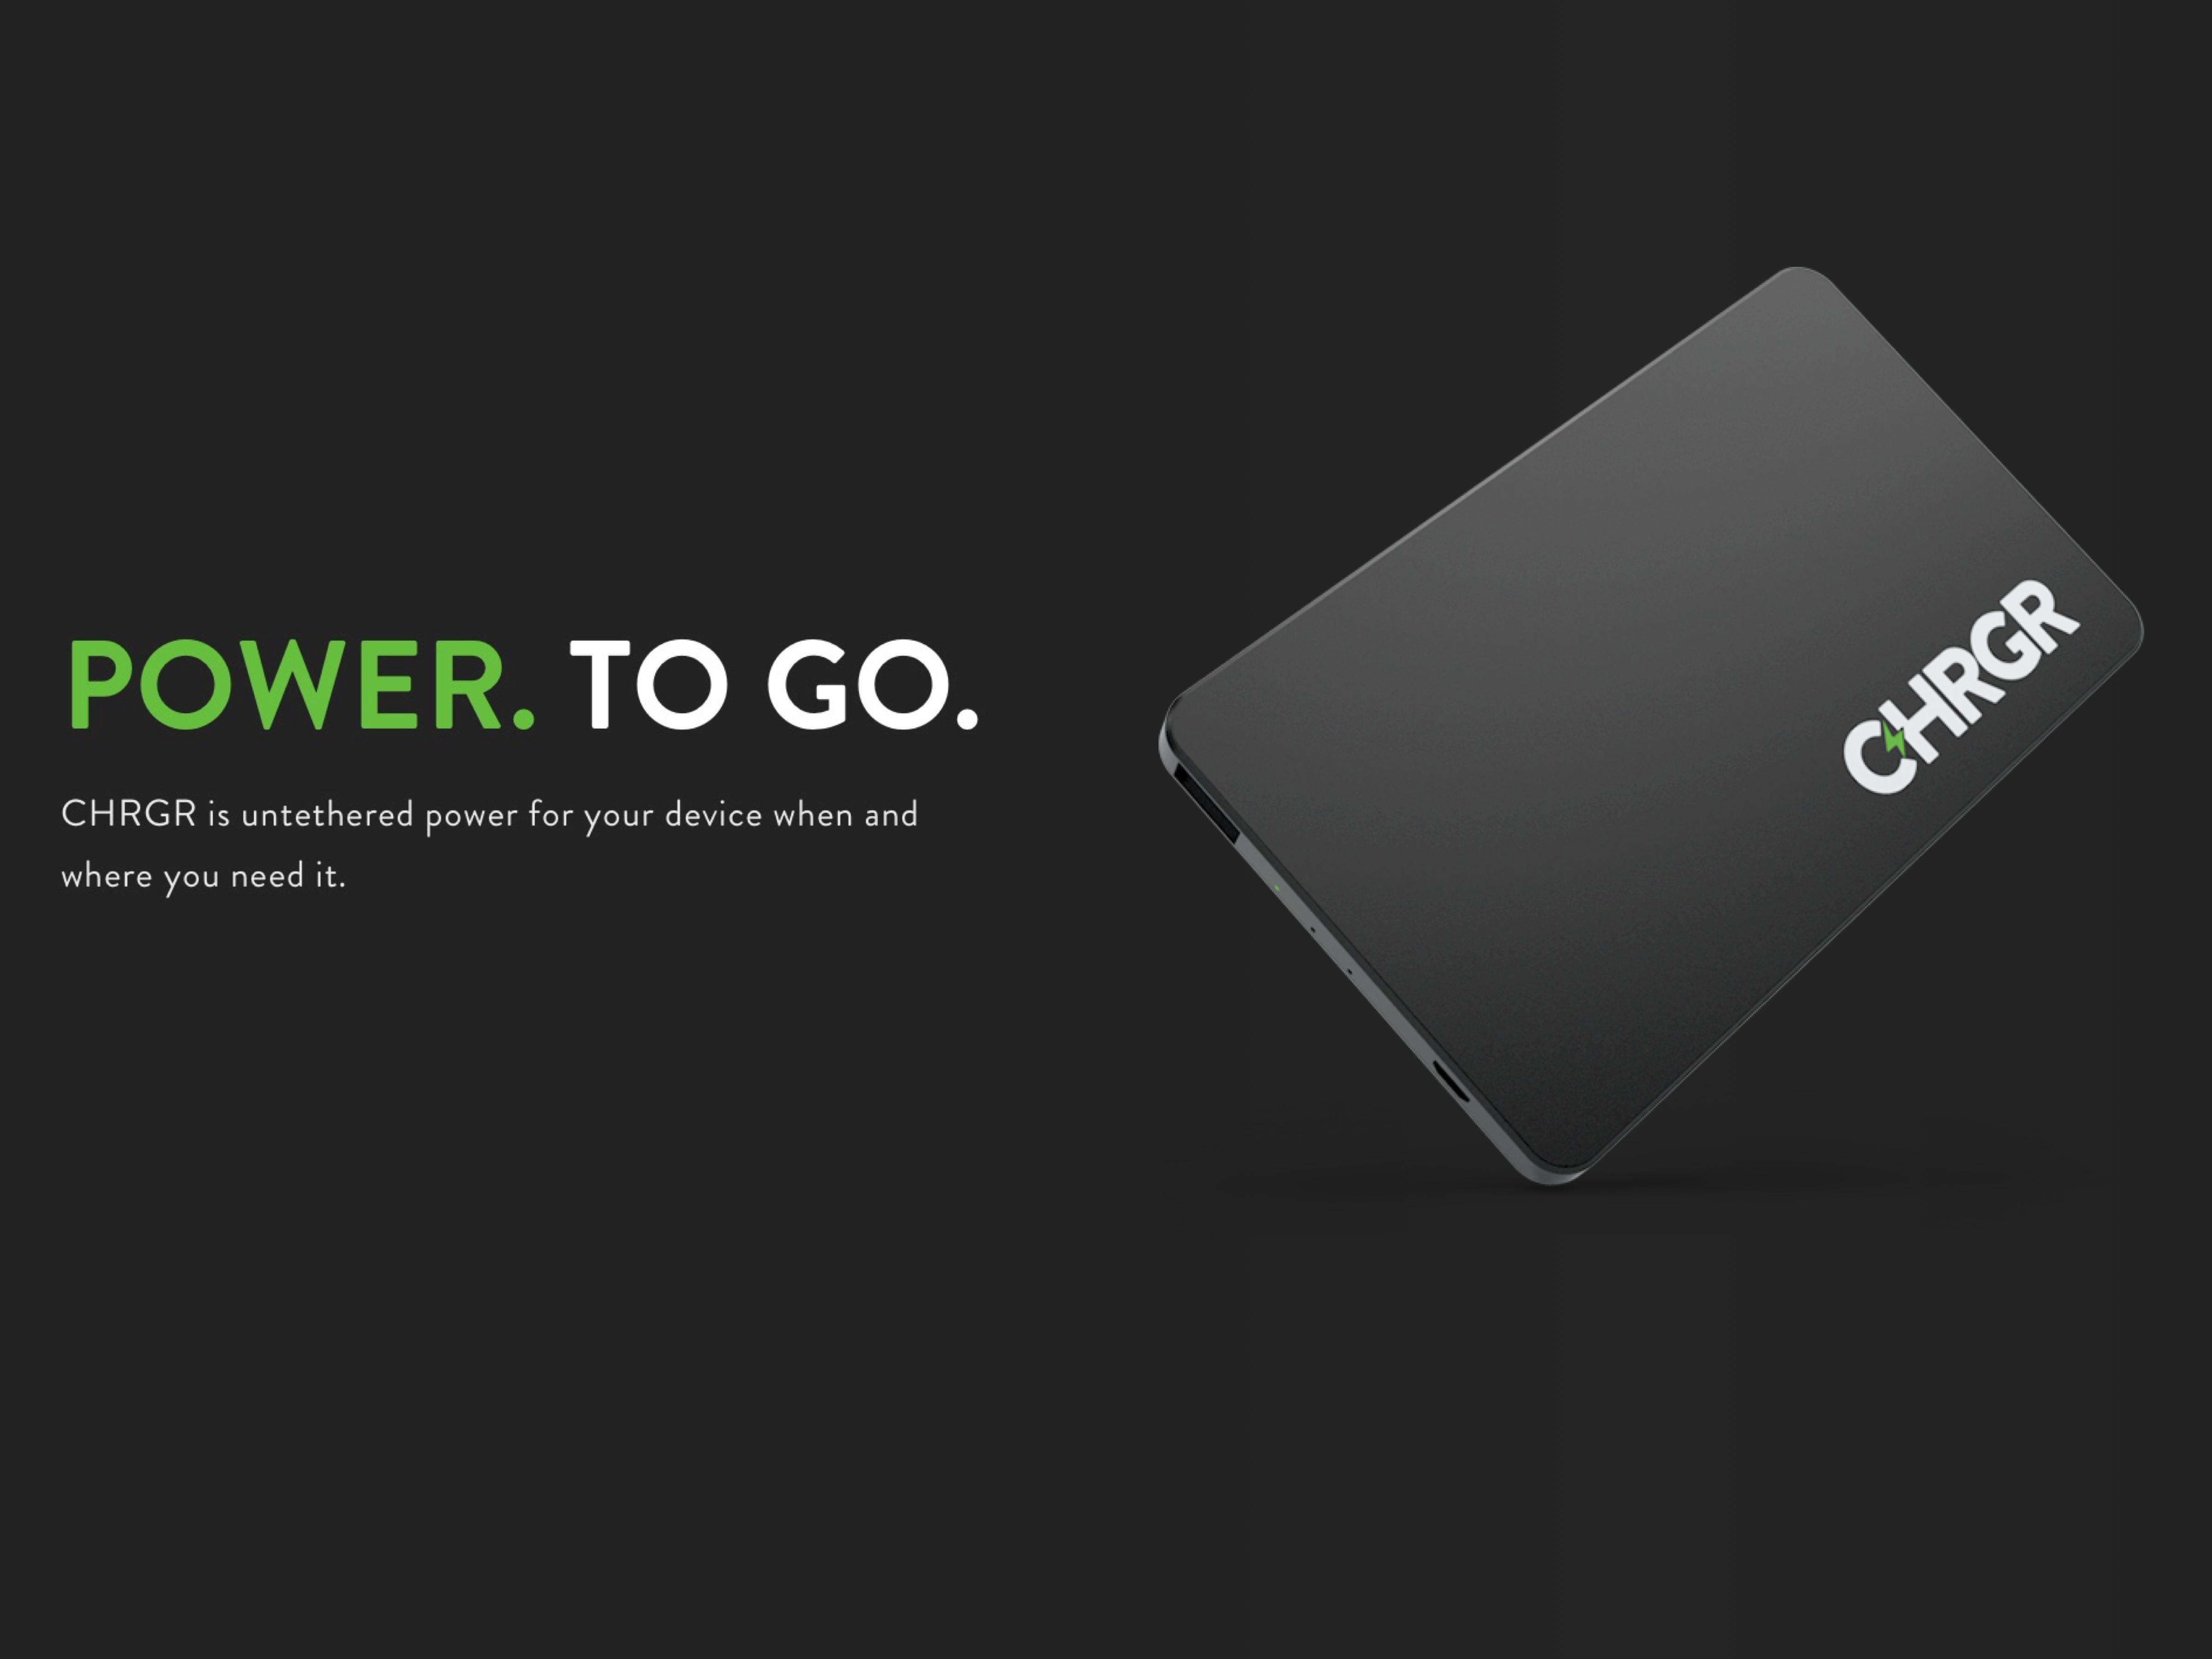 CHRGR - Power. To Go.